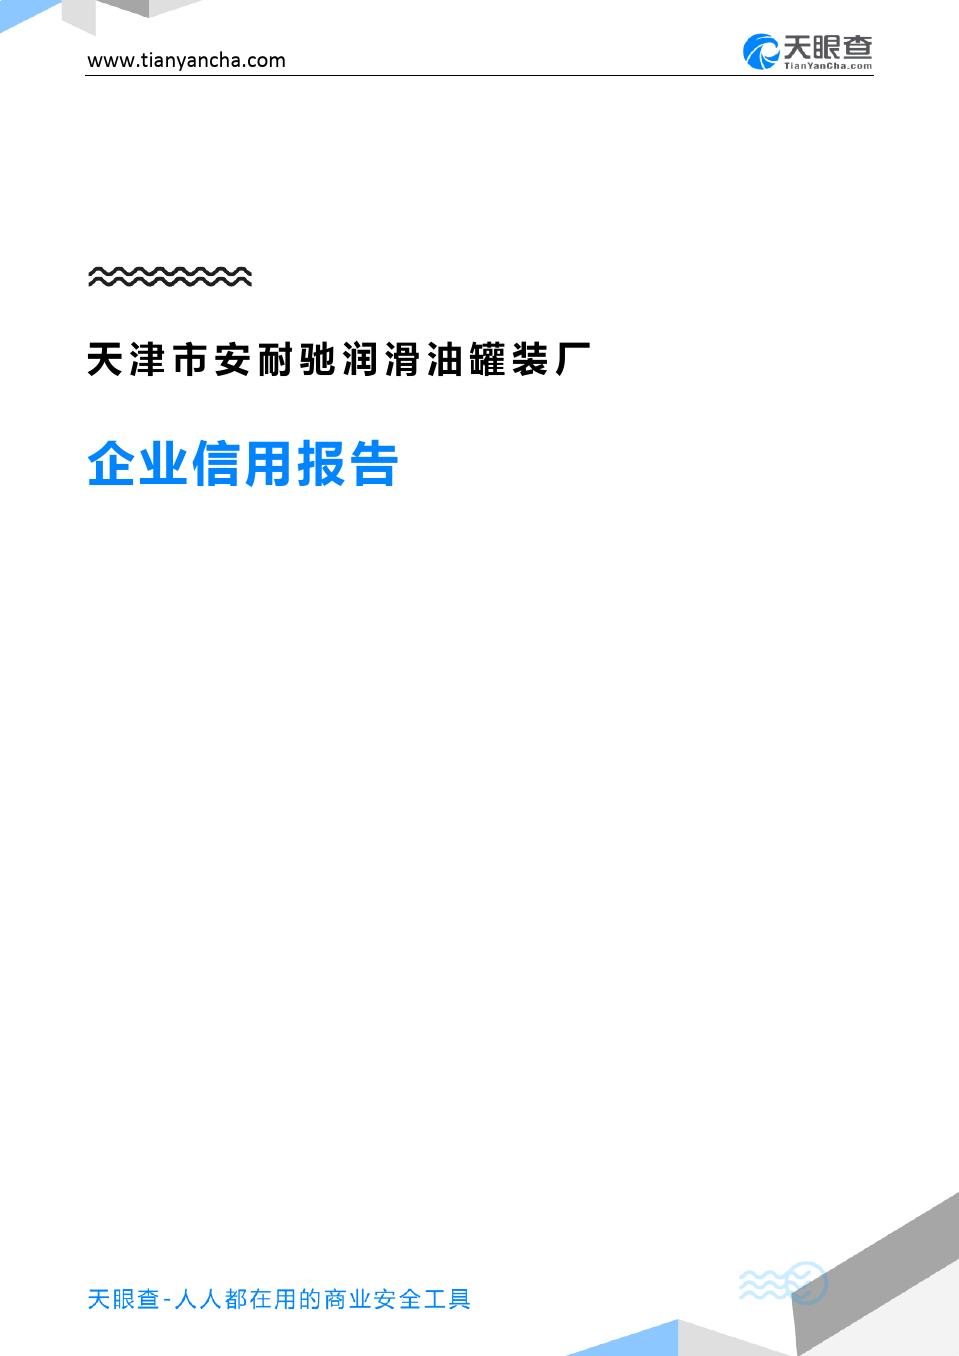 天津市安耐驰润滑油罐装厂(企业信用报告)- 天眼查